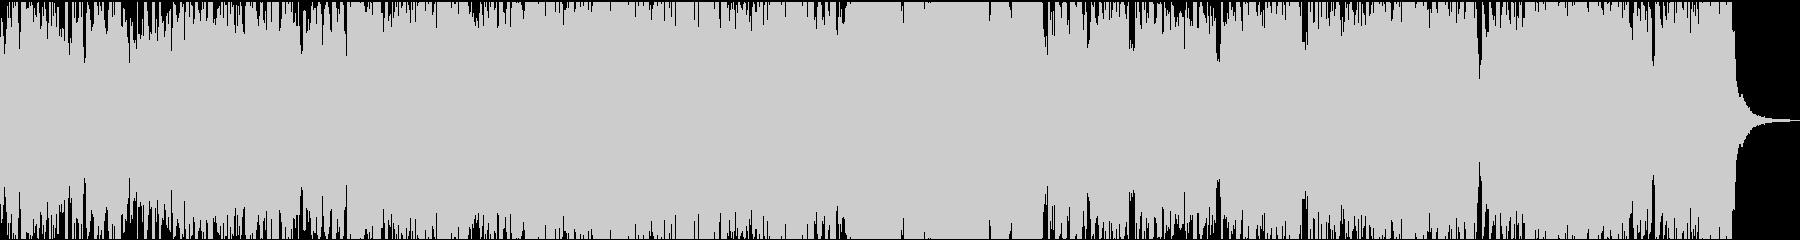 アコーディオンがメインのハロウィン風の曲の未再生の波形